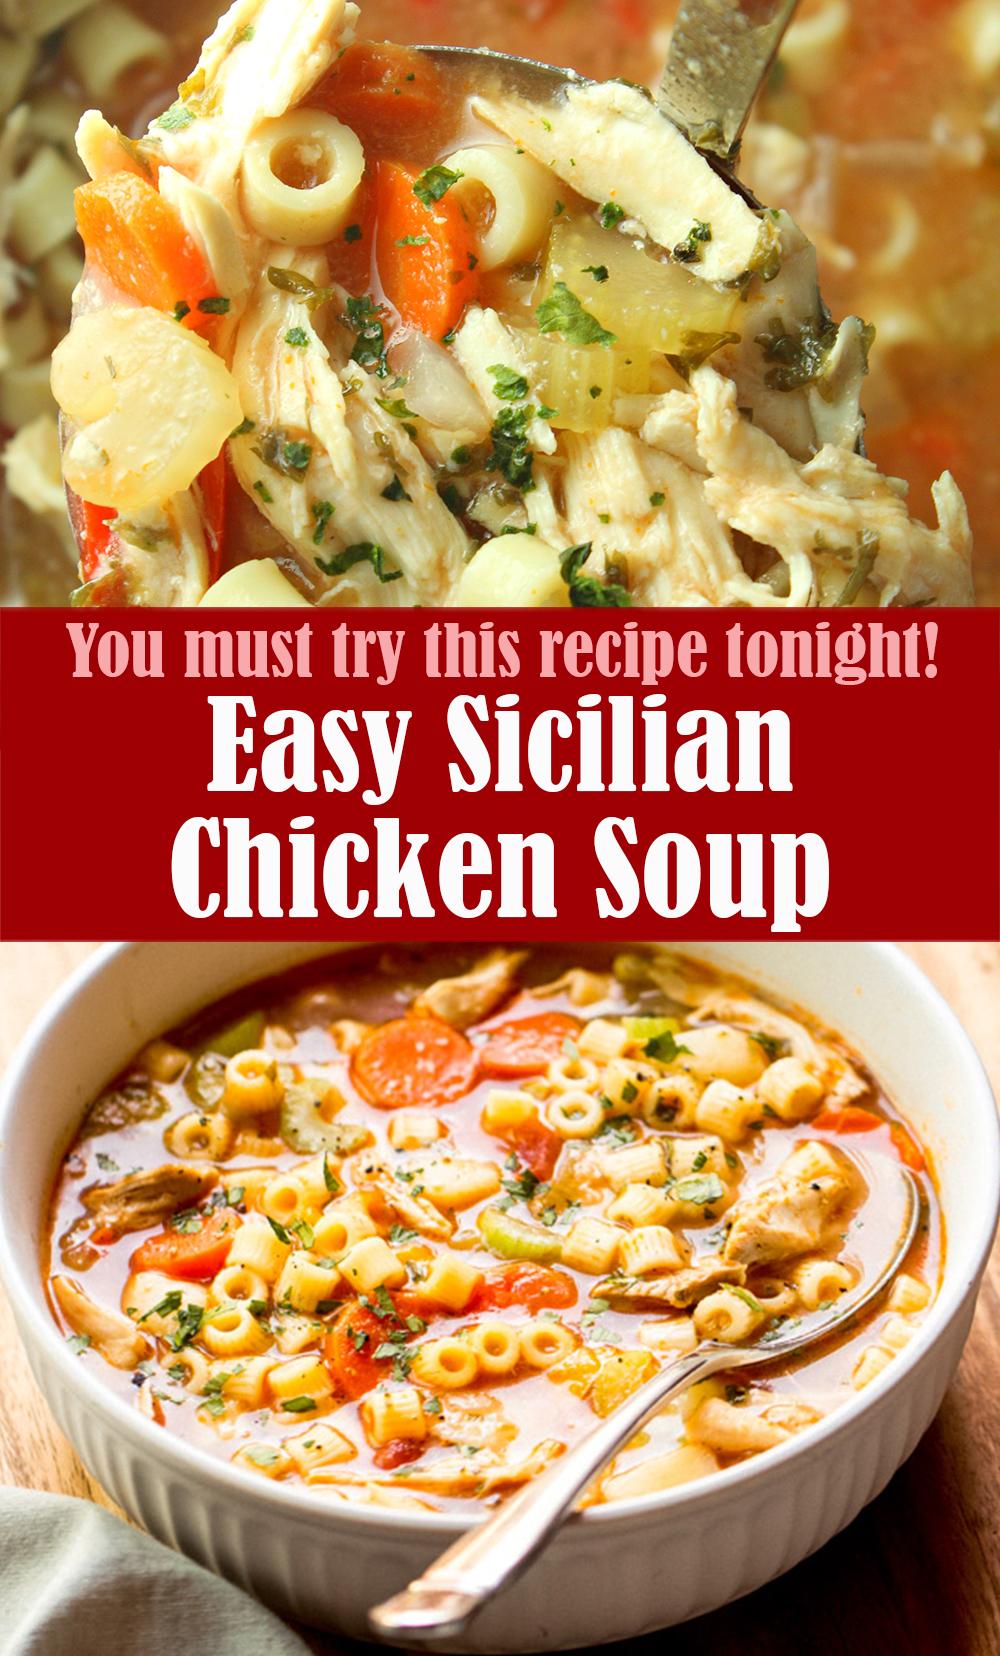 Easy Sicilian Chicken Soup